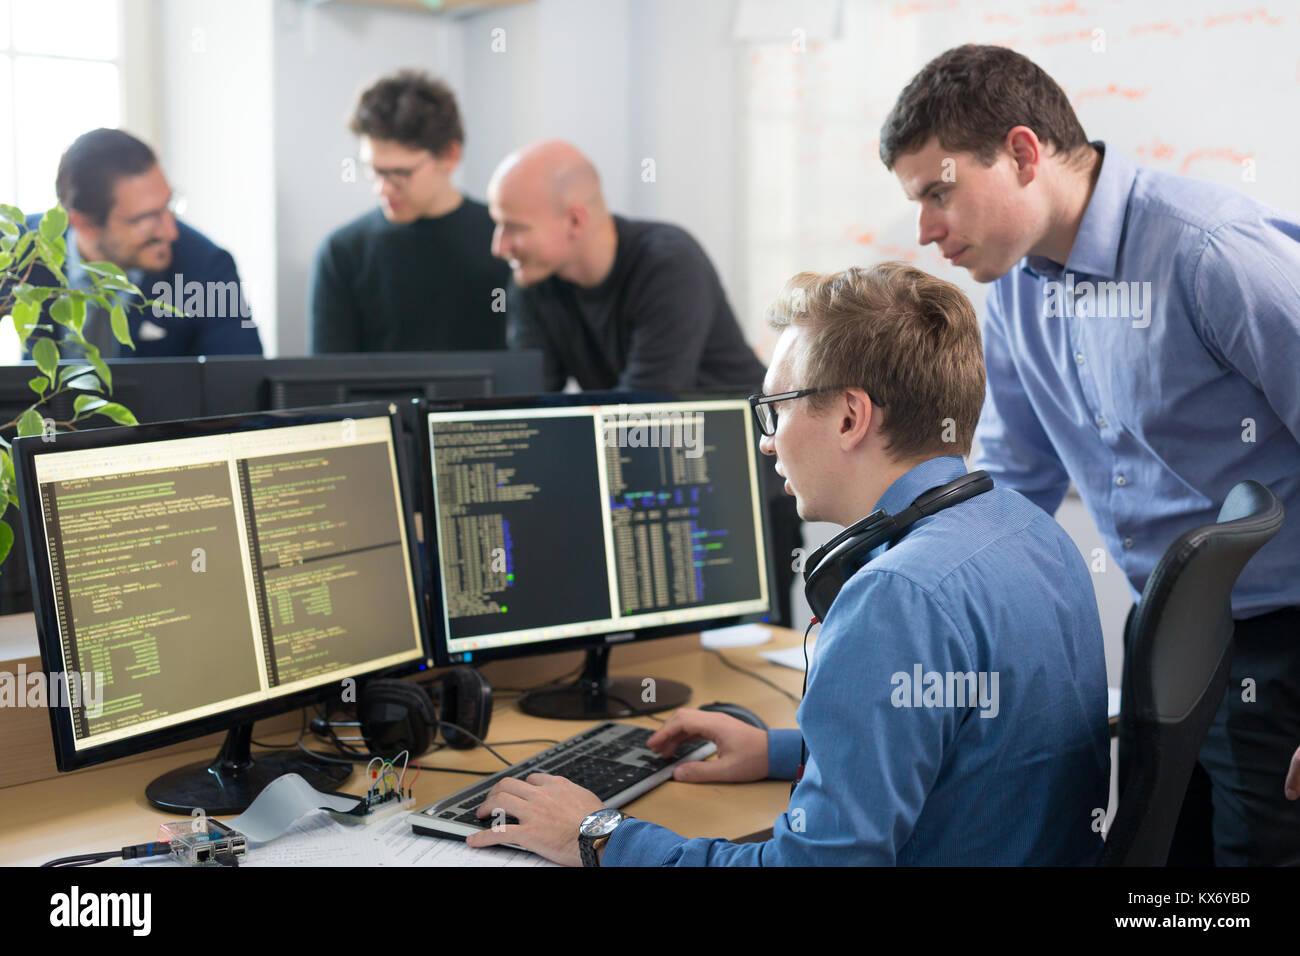 Logiciel de démarrage d entreprise, développeur travaillant sur ordinateur  de bureau. Photo Stock fff4a2d3c2a0